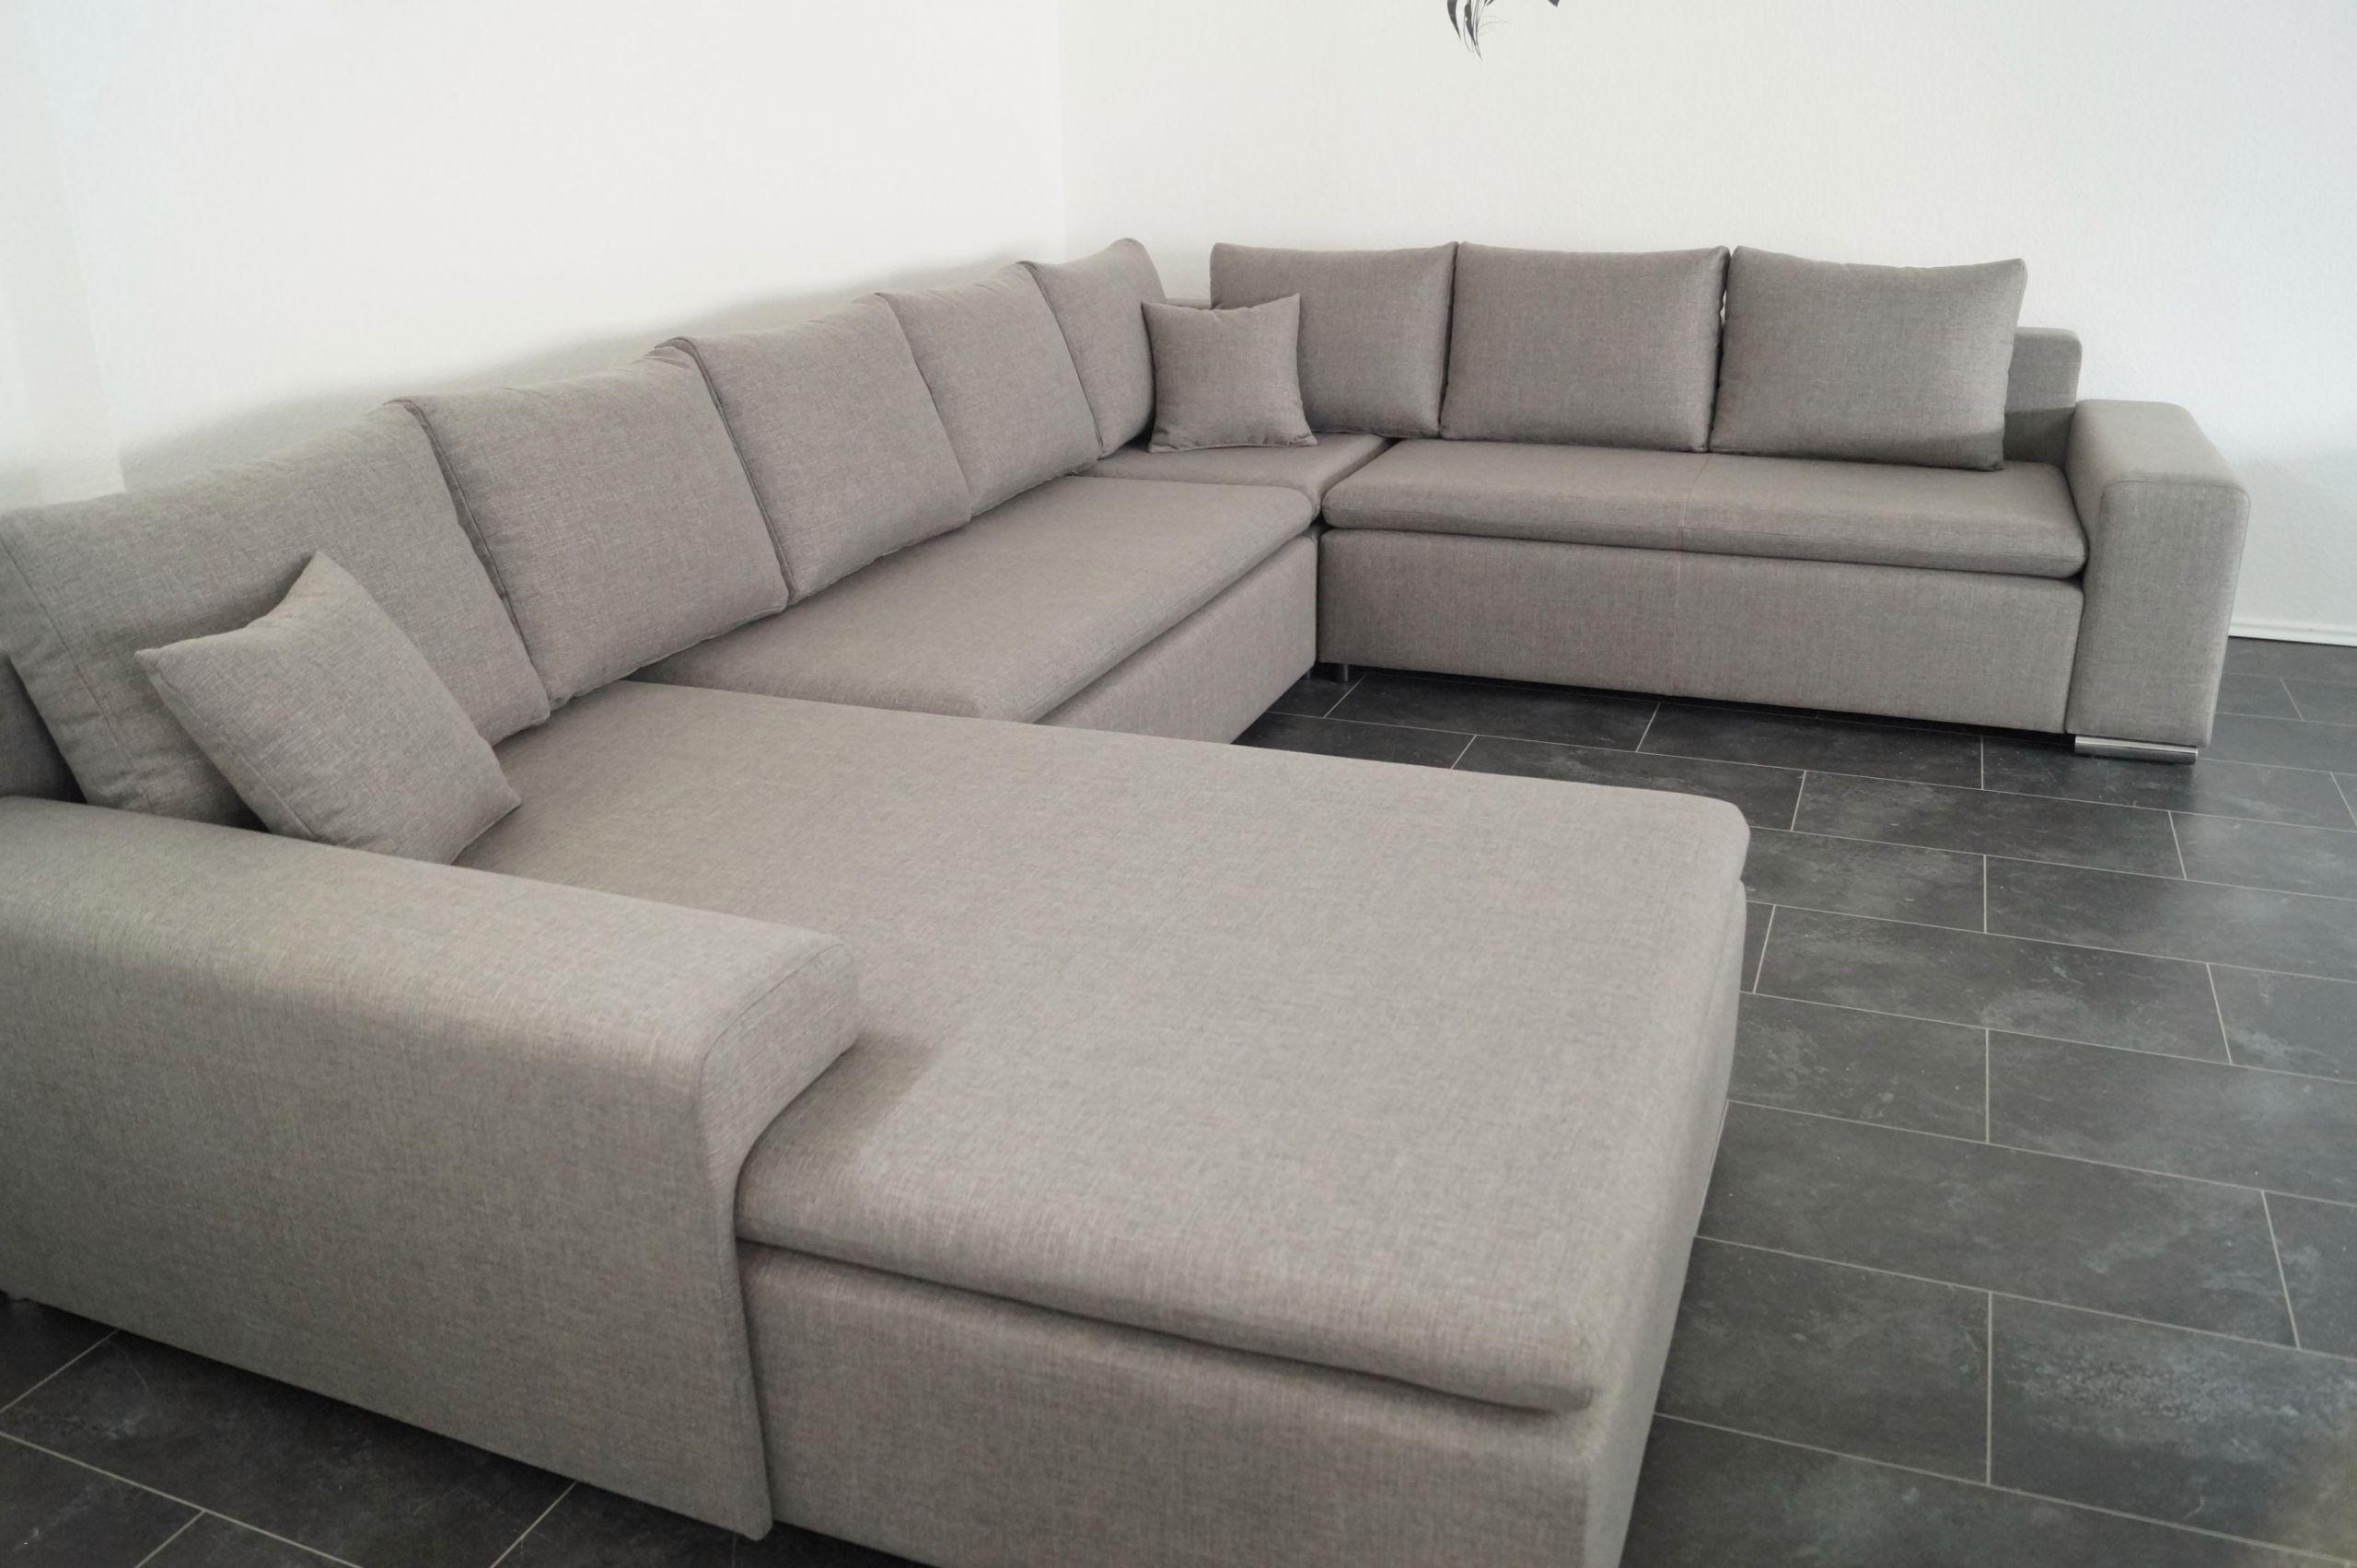 braune couch wohnzimmer dekor am besten couch braun beste decken graue couch dekorieren graue couch dekorieren